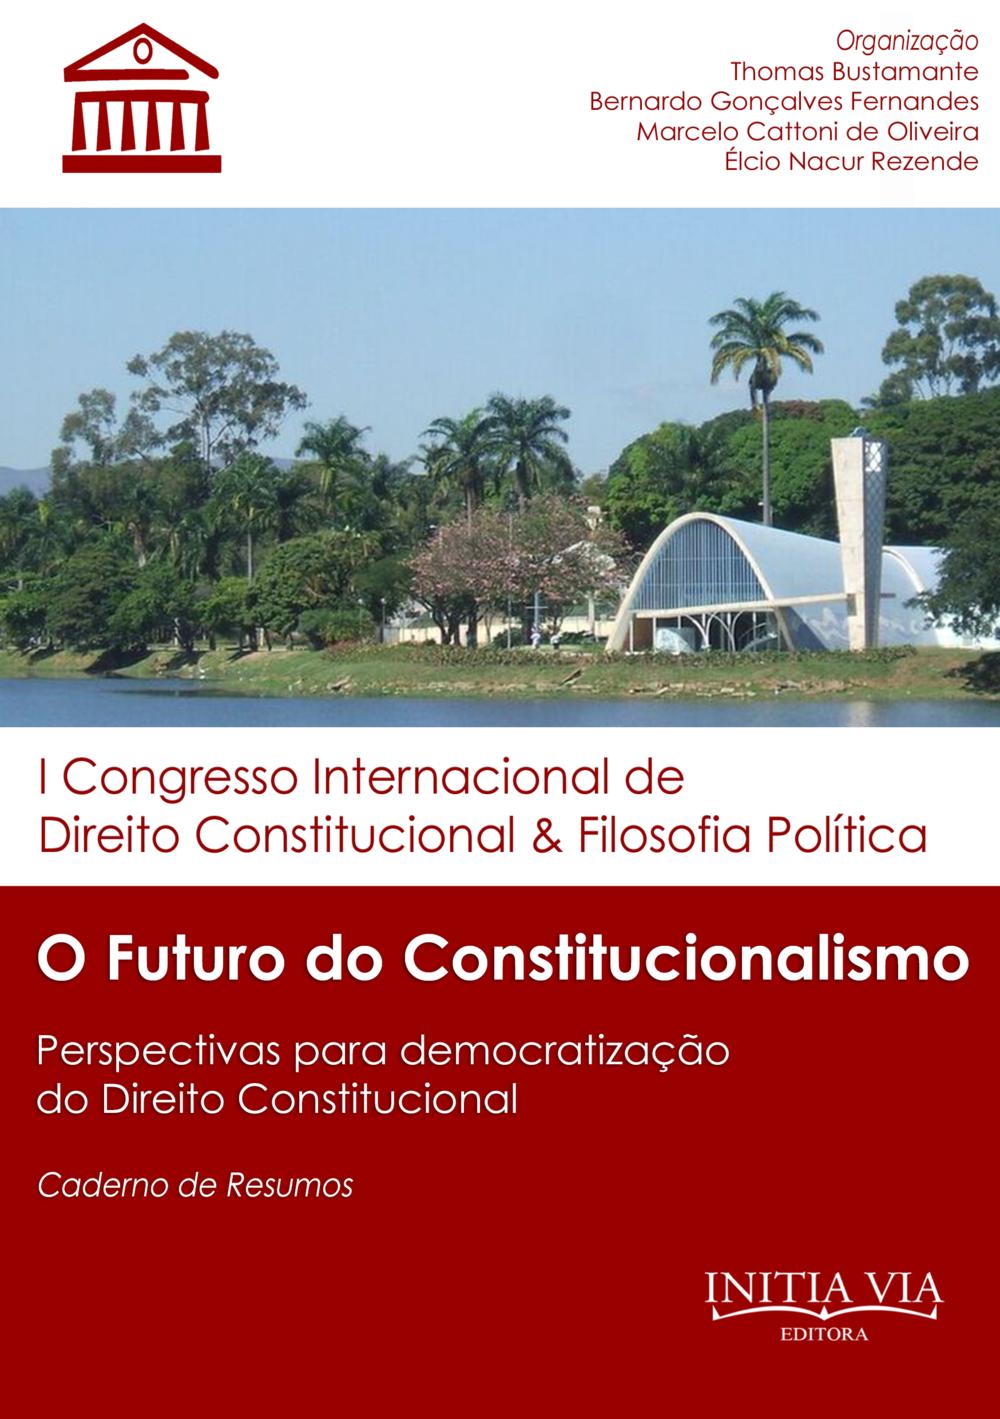 bustamante_Congresso.jpg